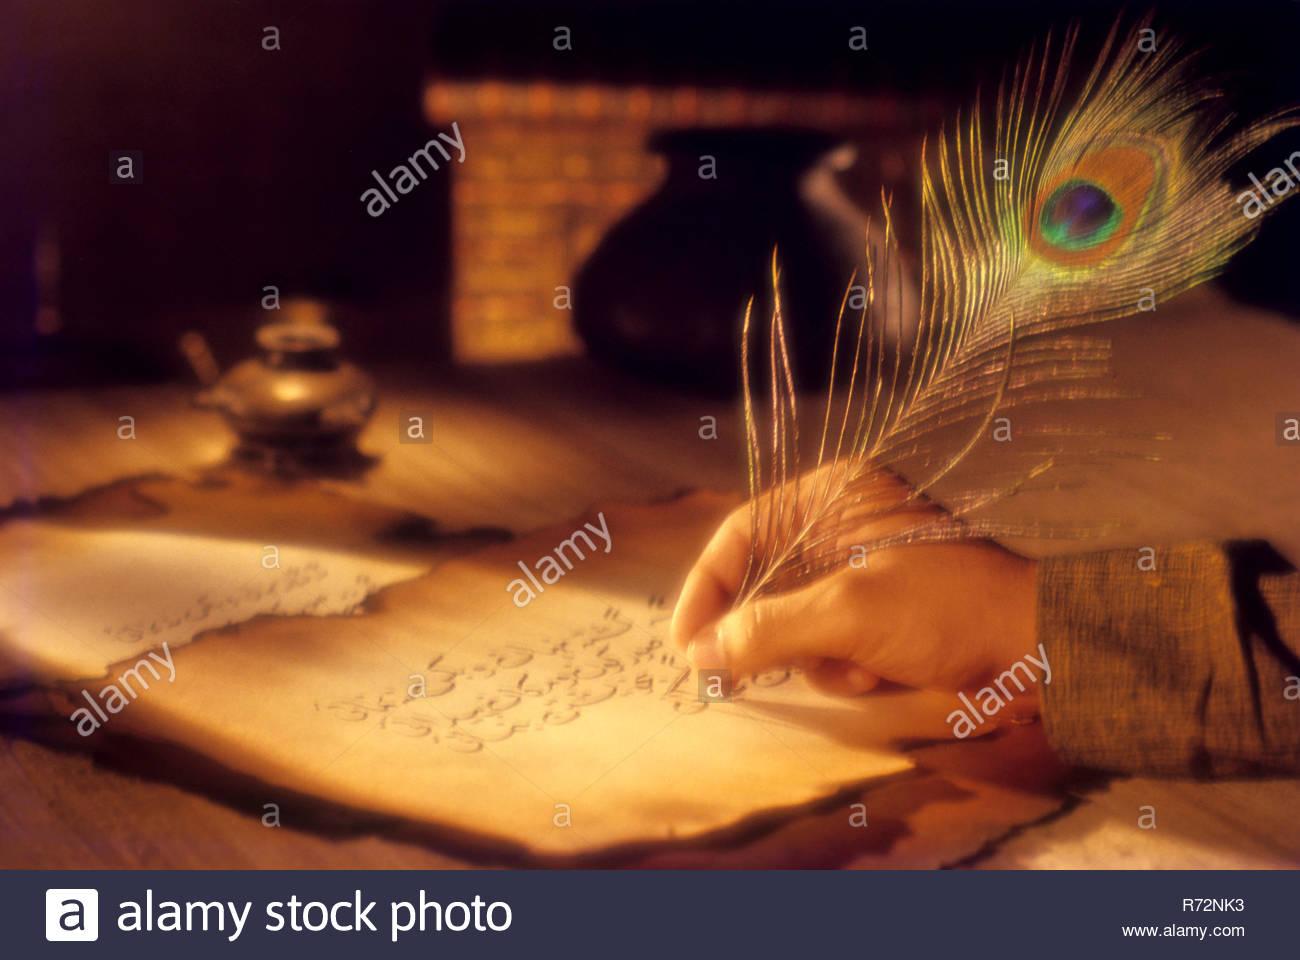 Schreiben mit Pfau Lagerträger, Altmodische Stockfoto